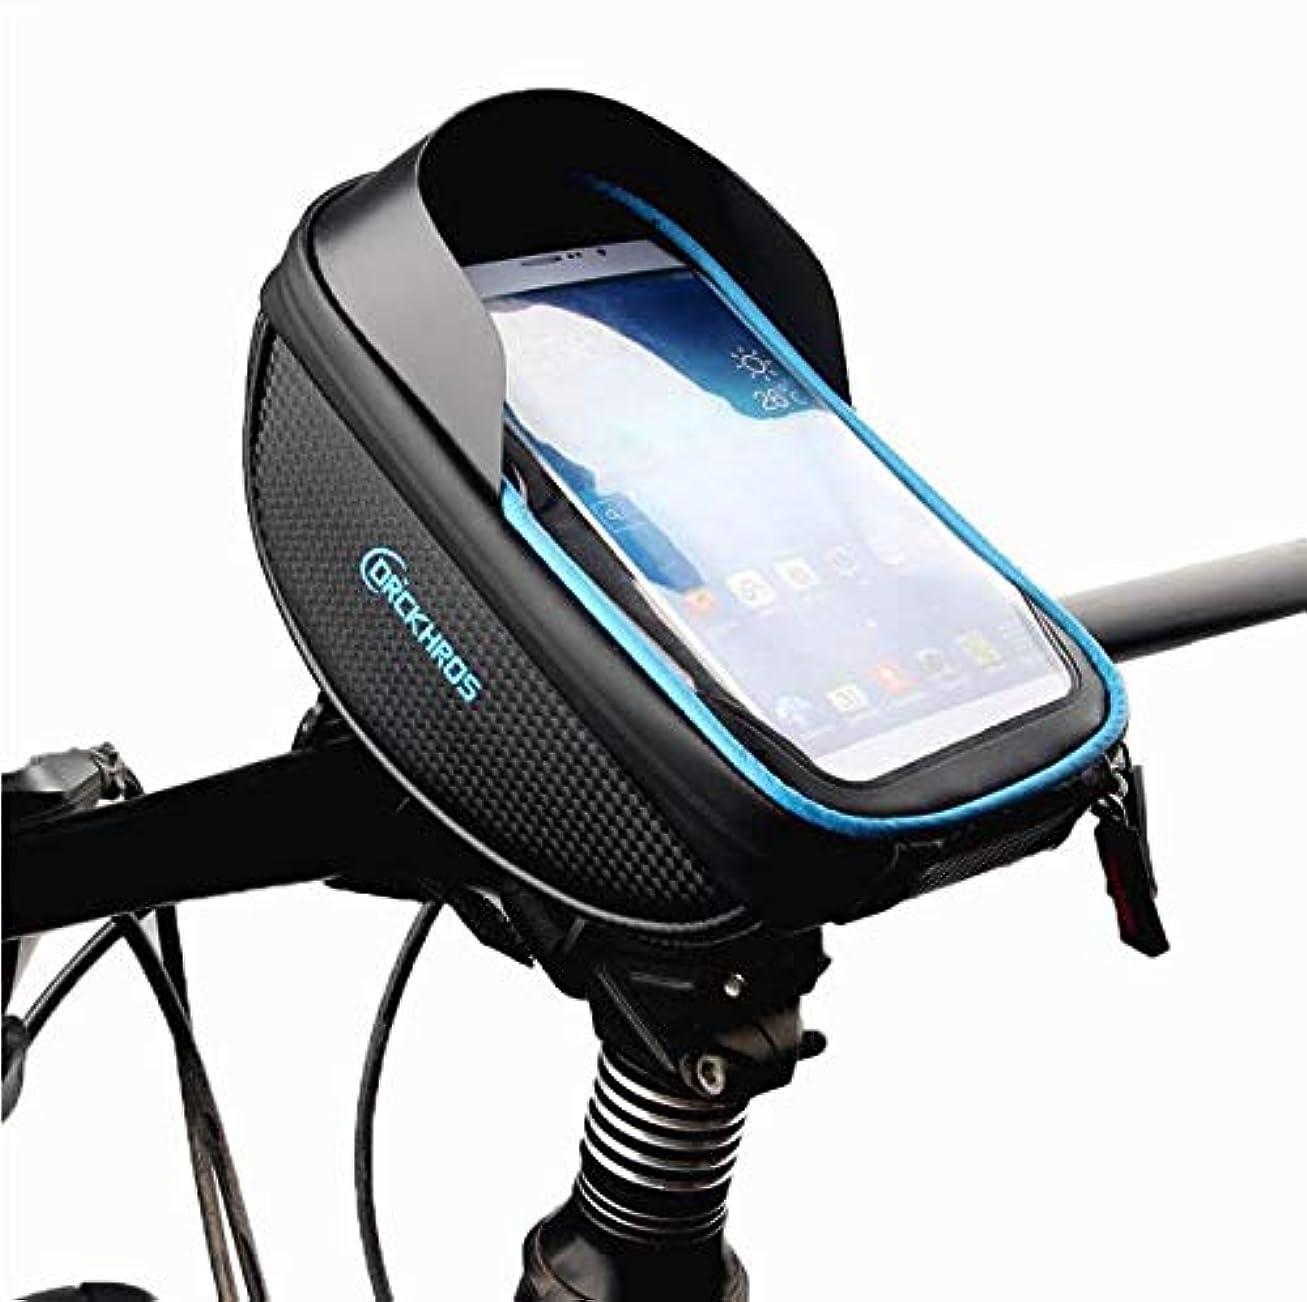 ピアノを弾く副詞パシフィック自転車バッグタッチスクリーンマウンテンバイクフロントビームバッグサイクリングバッグハンドルバーバッグ防水ジッパーバッグ用携帯電話6.0インチ以内, Black